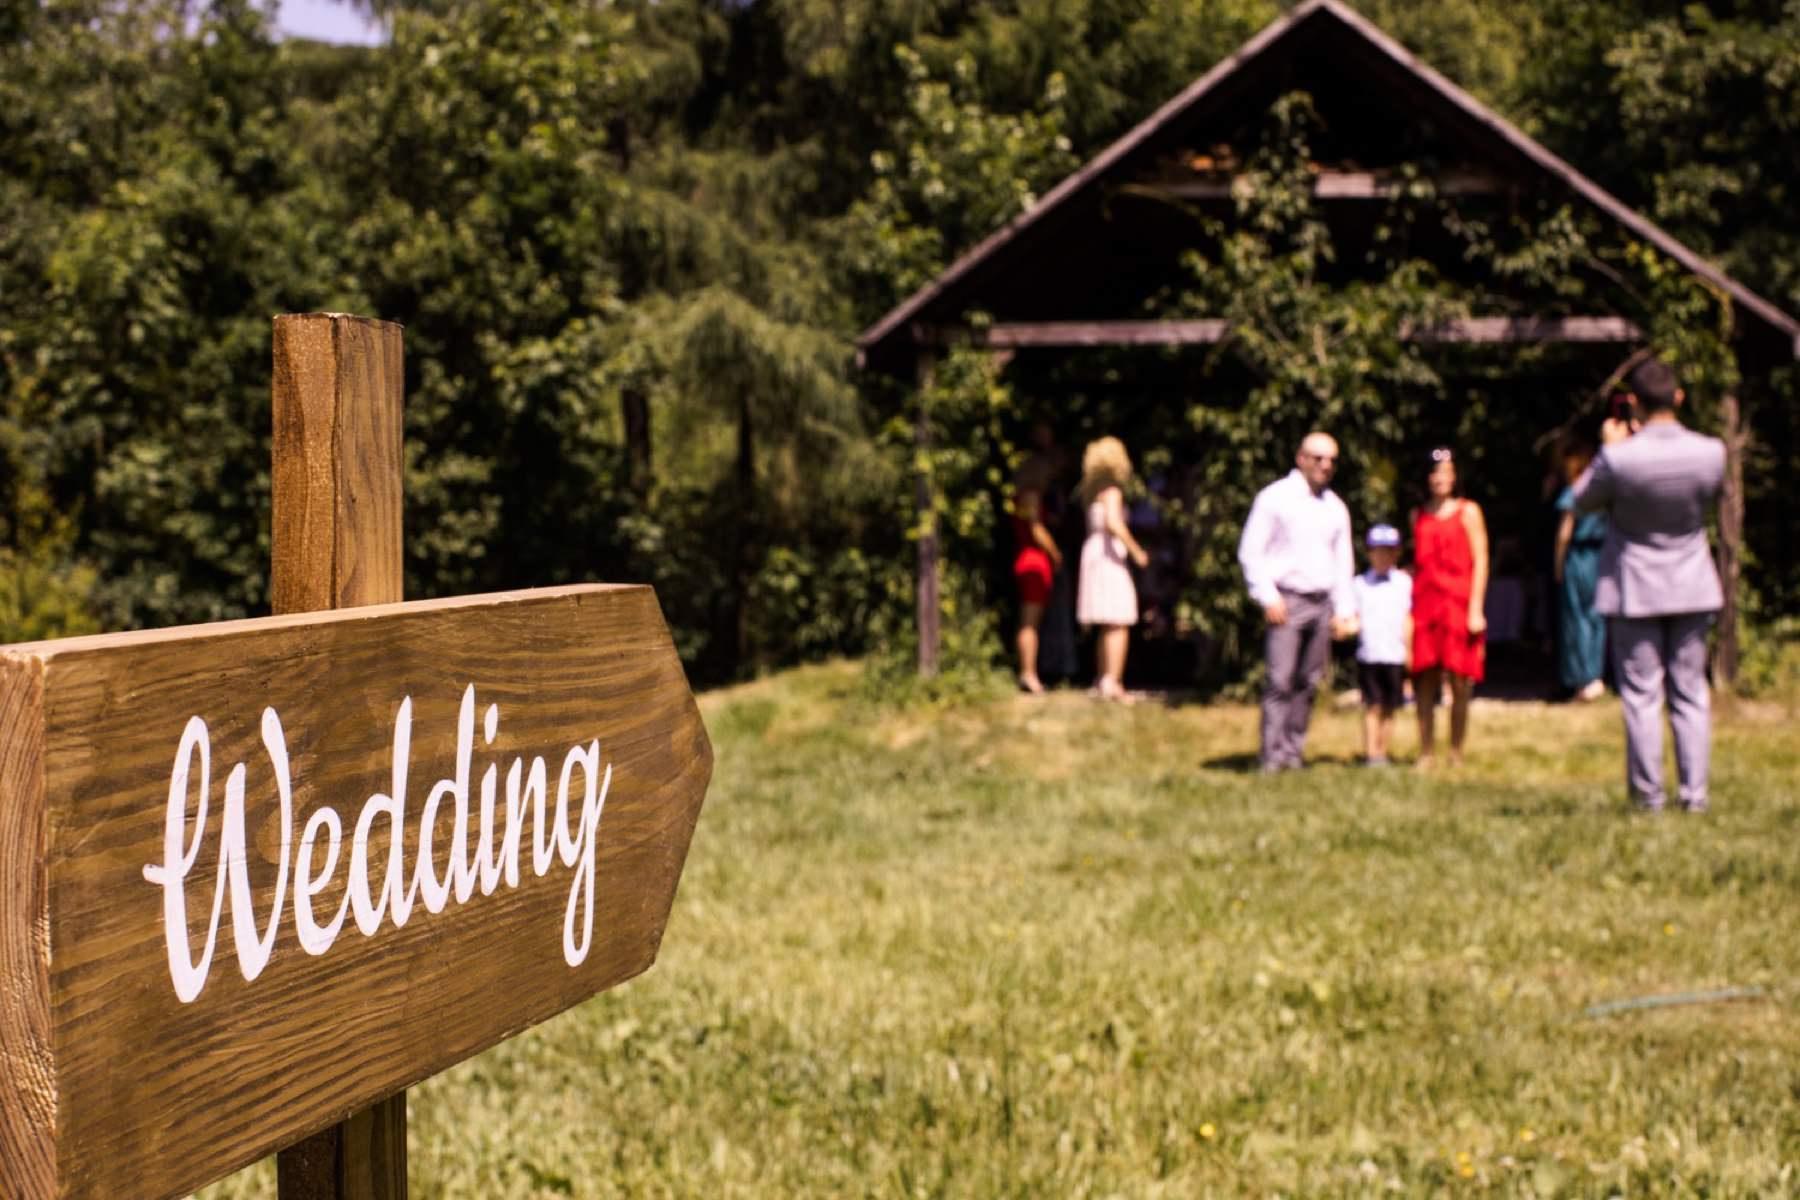 slow wedding, slow wedding w jurcie, buczynowa dolina, slub w plenerze, slub cywilny, plenerowy slub, miedzynarodowy slub, zdjecia slubne, fotograf slubny, wesele w jurcie, jurta, slub w jurcie, art wedding